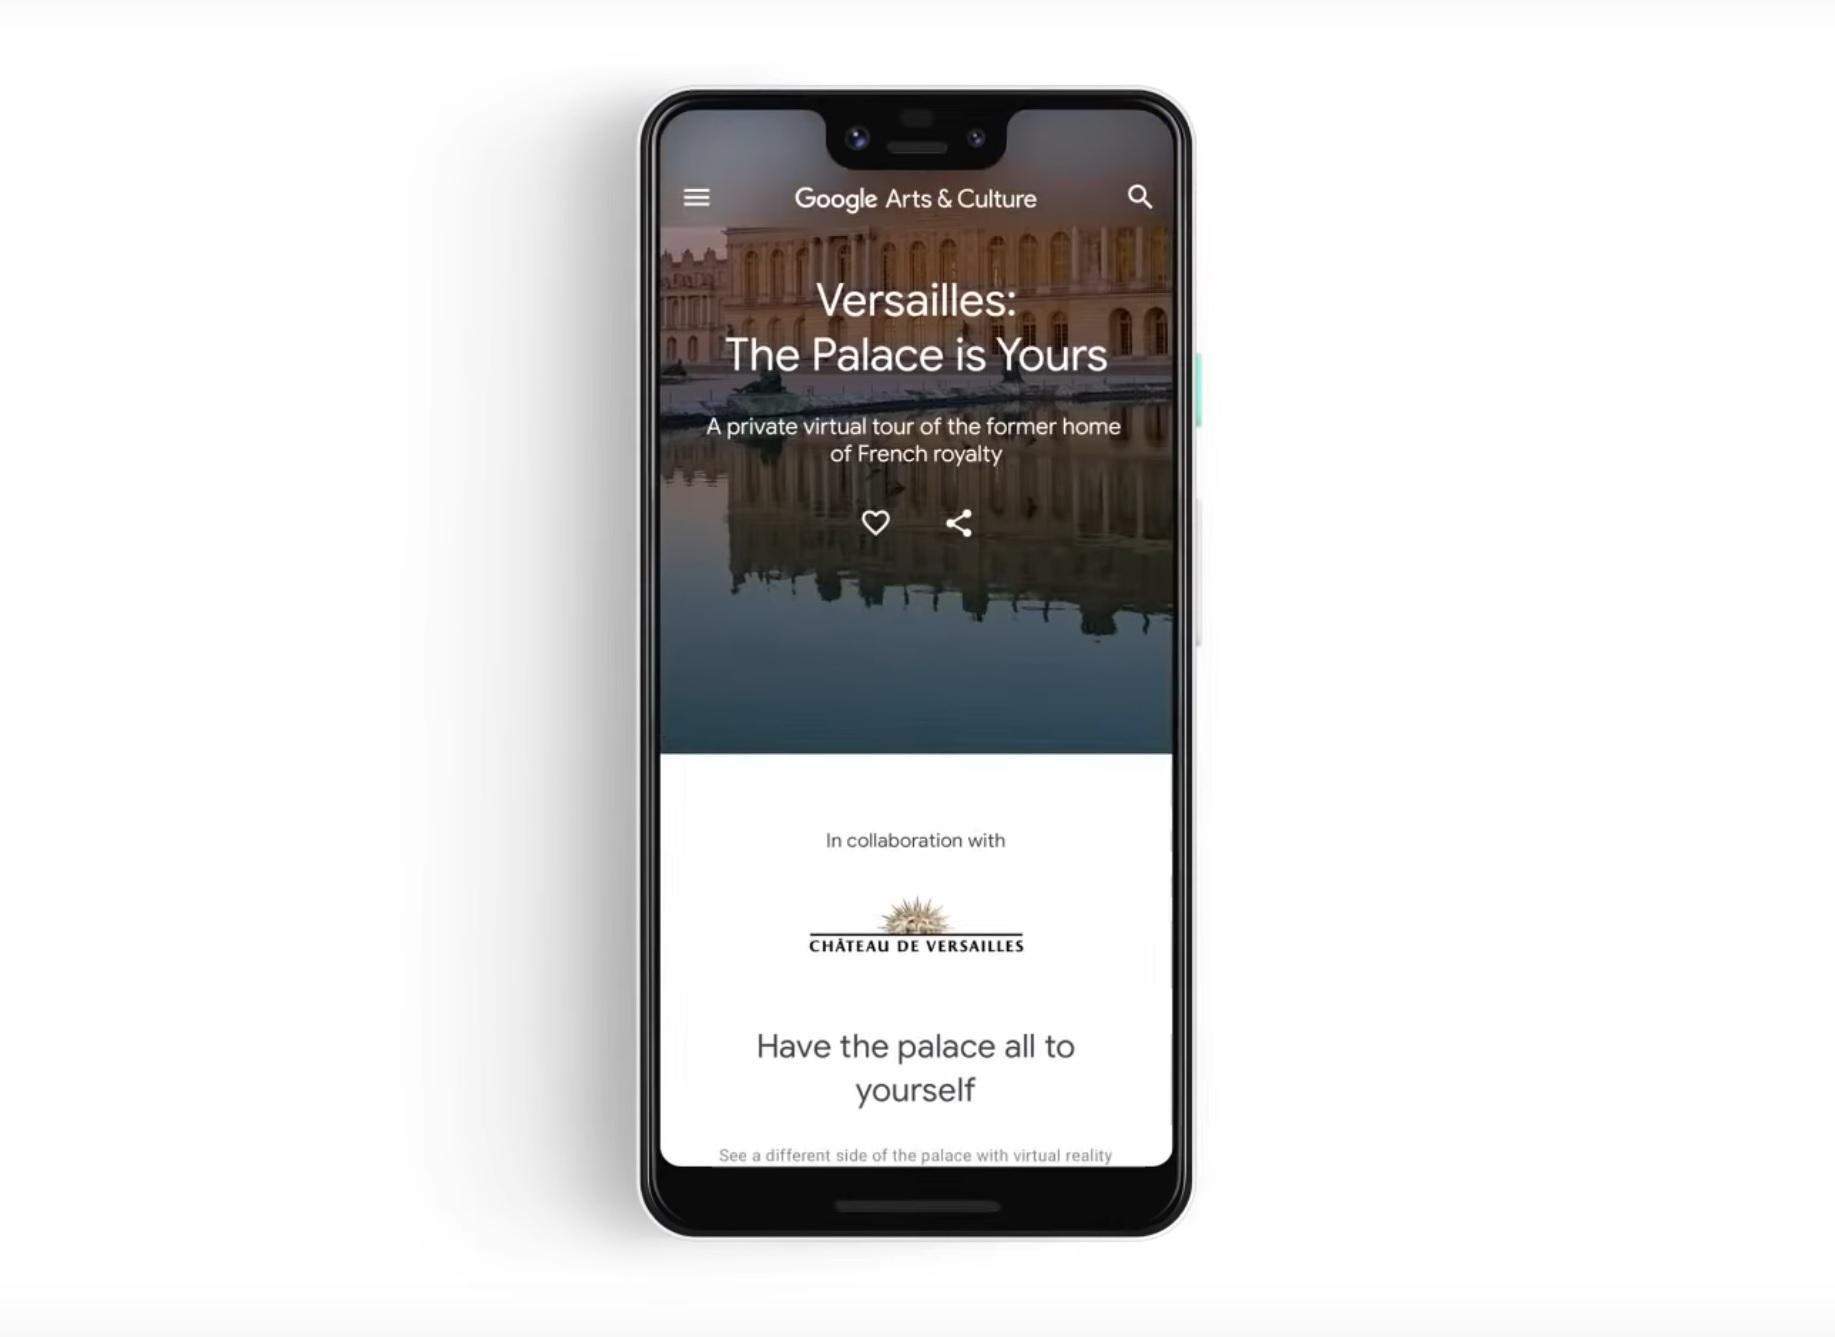 Zwiedzanie pałacu wersalskiego za darmo? Tak, w aplikacji Google Arts & Culture